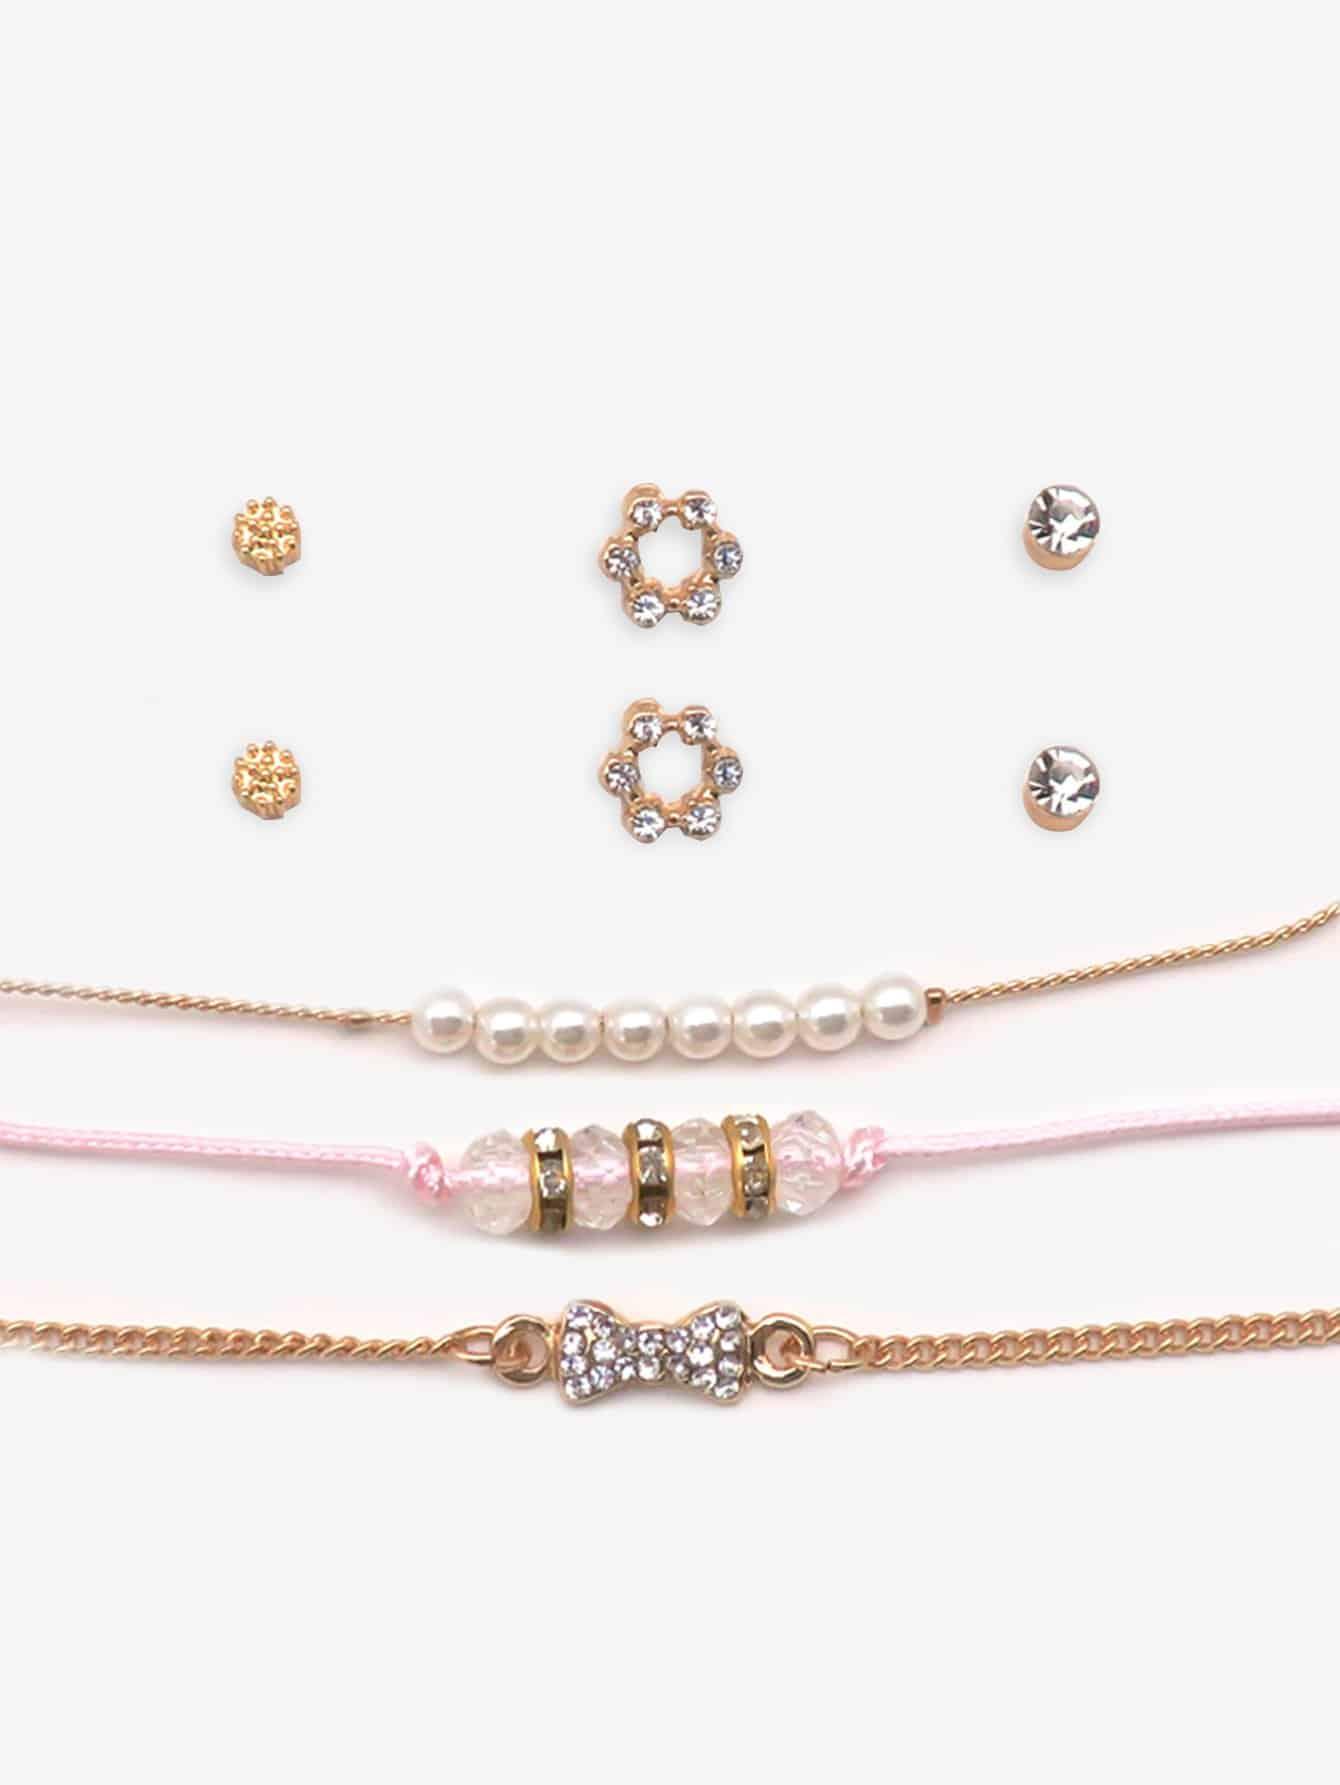 Armband mit Perlen 3PCs und Ohrringe 3Paare